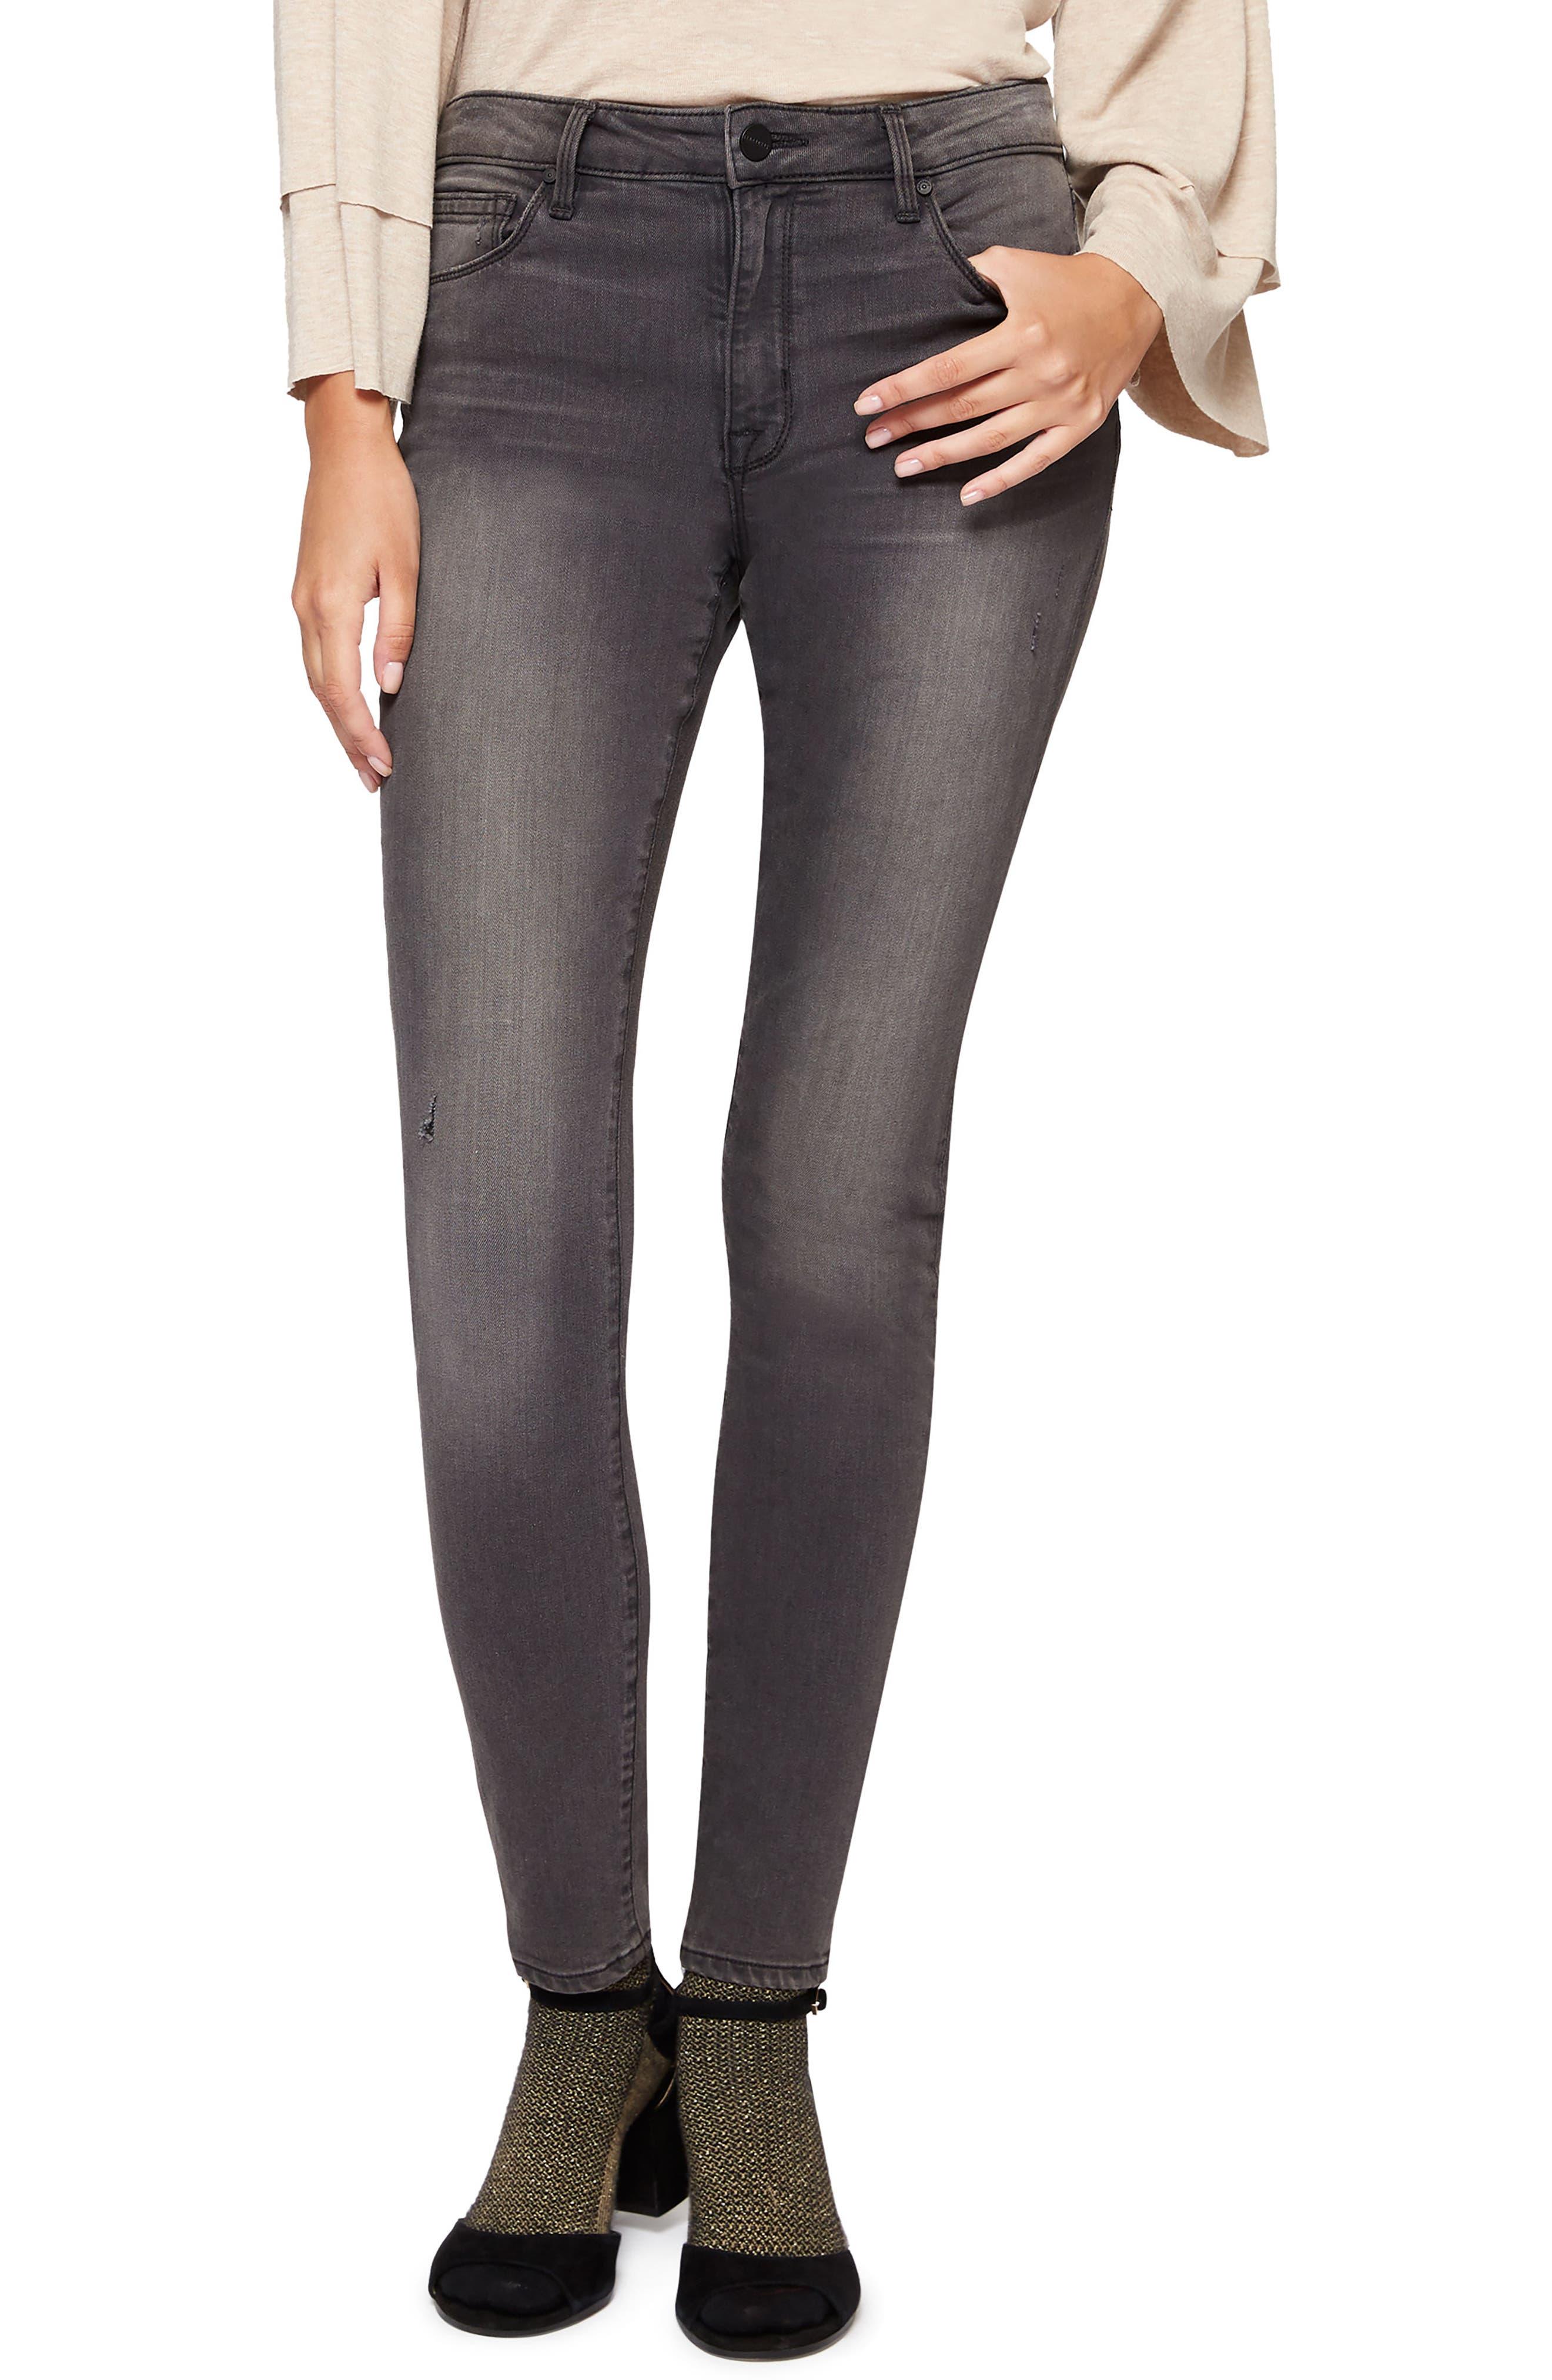 Sanctuary Saige Curvy Fit Skinny Jeans (Audrey)